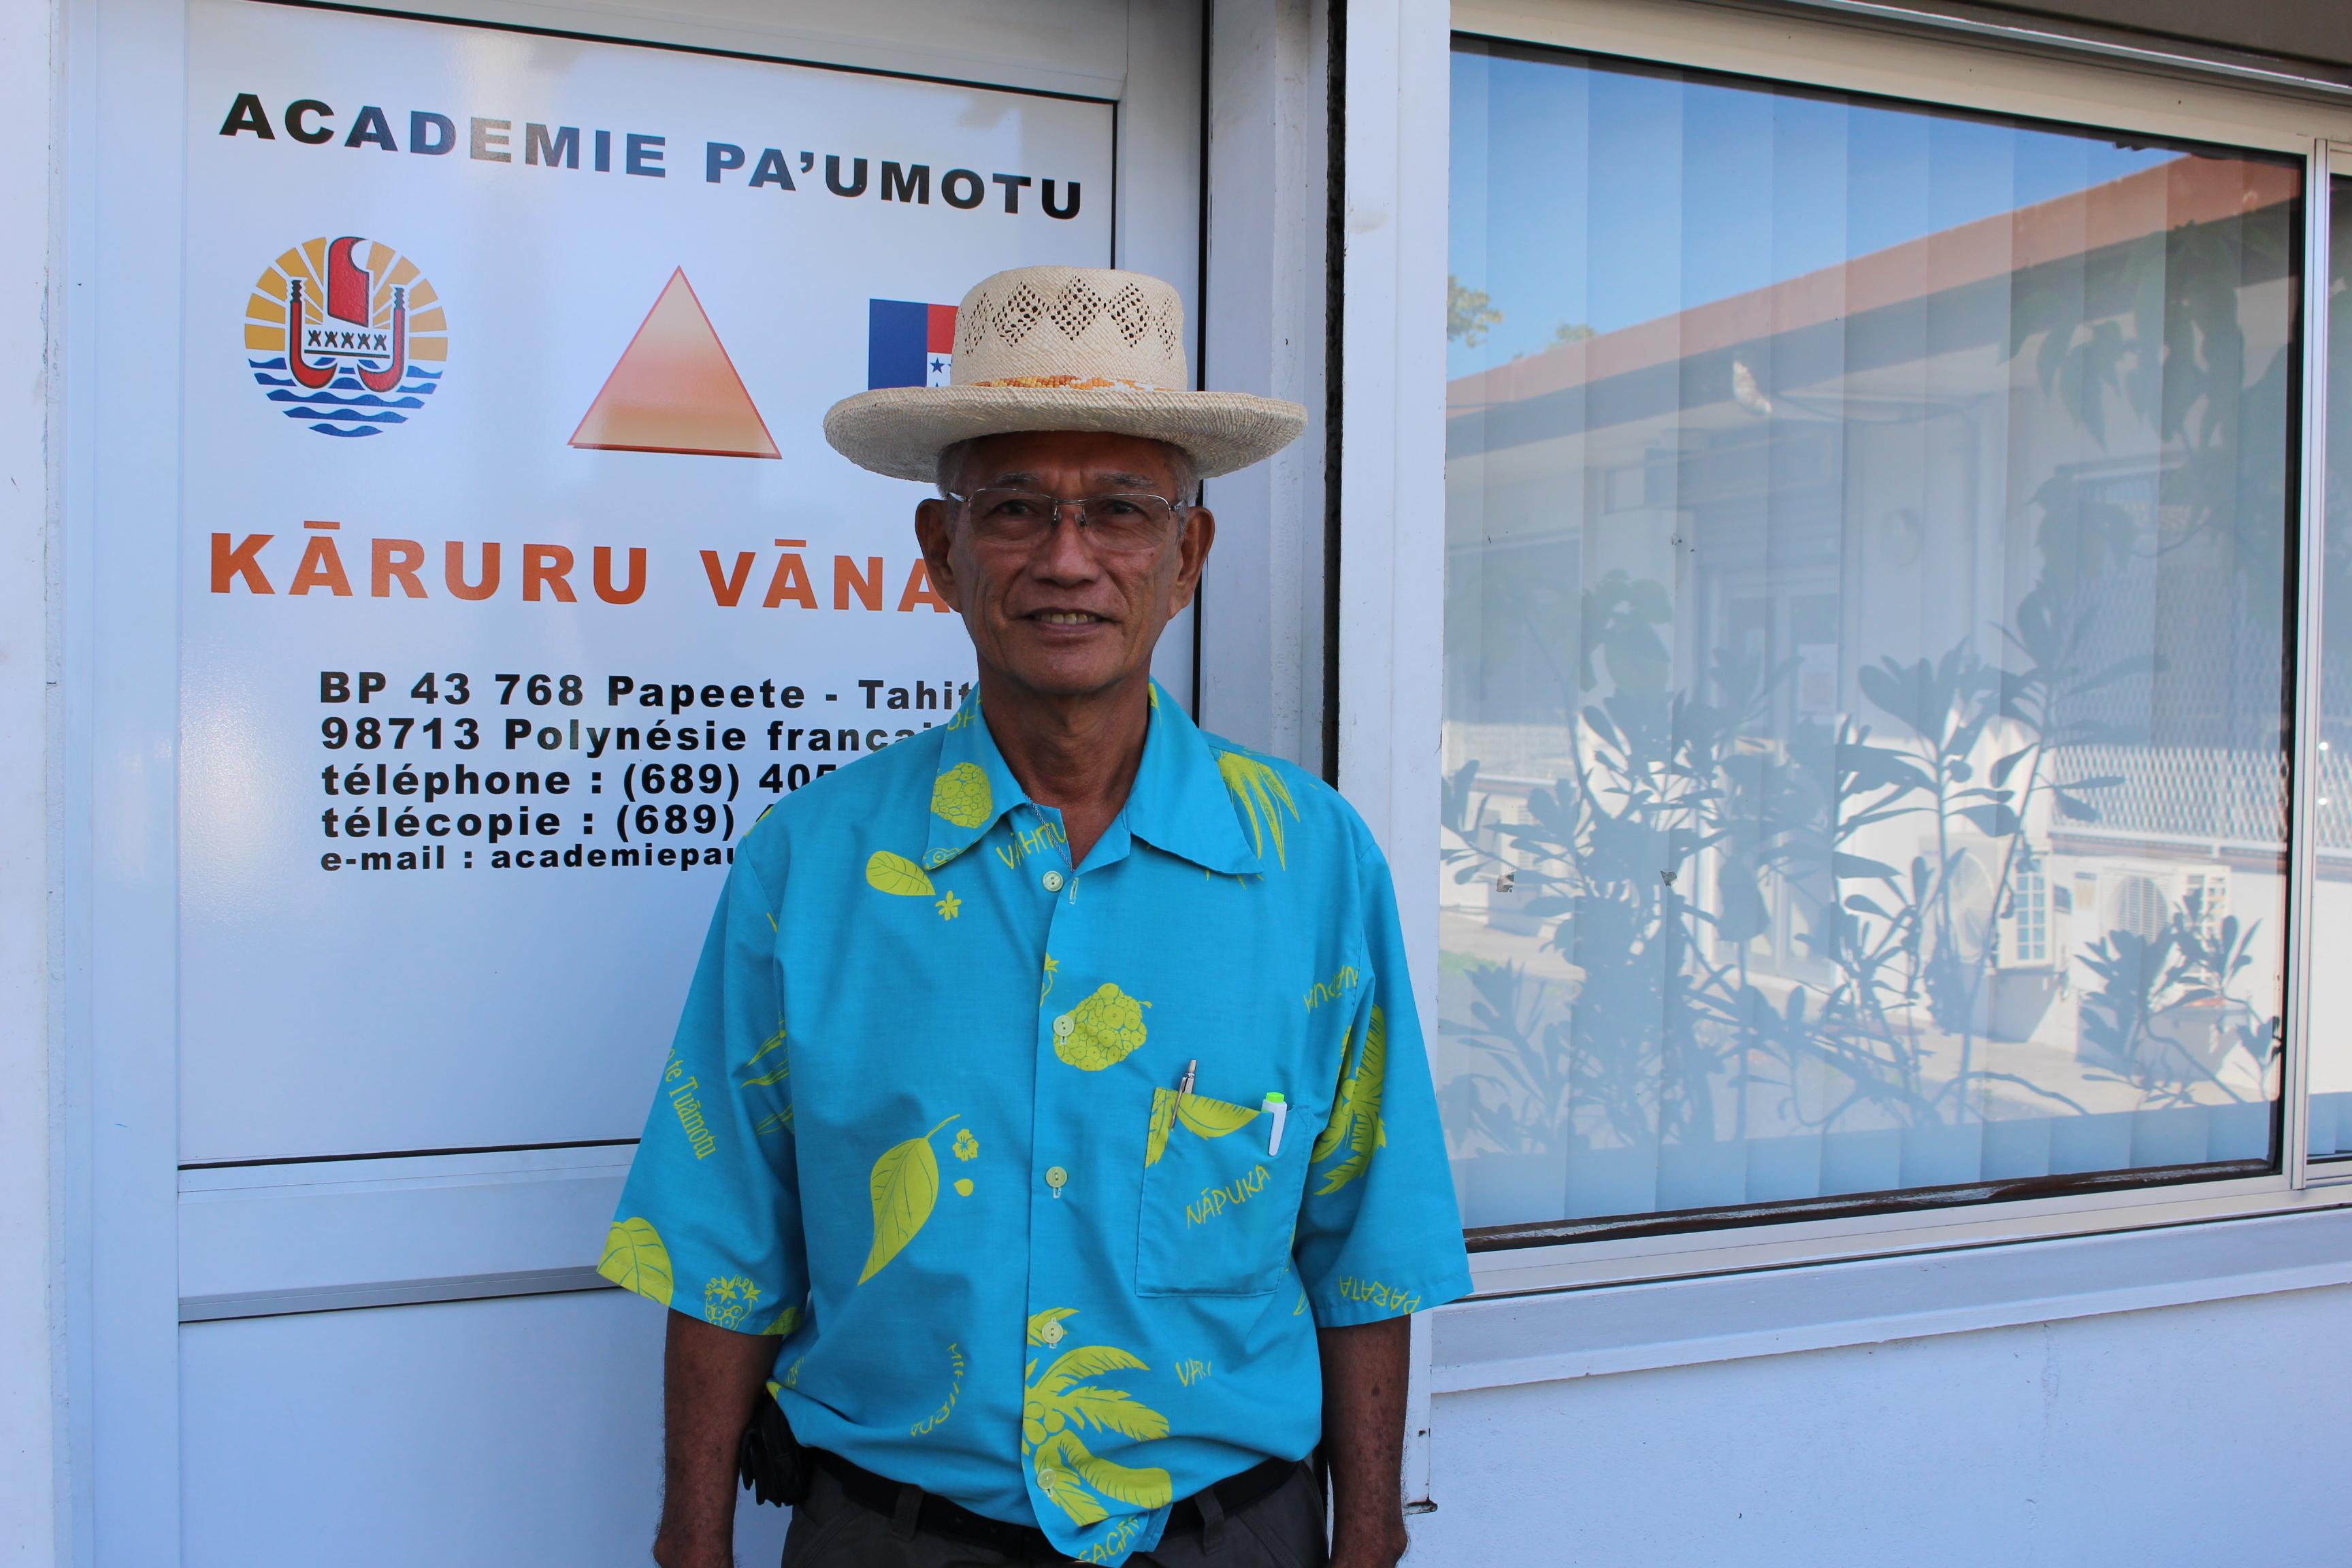 L'Académie pa'umotu, Kāruru vānaga, poursuit ses travaux